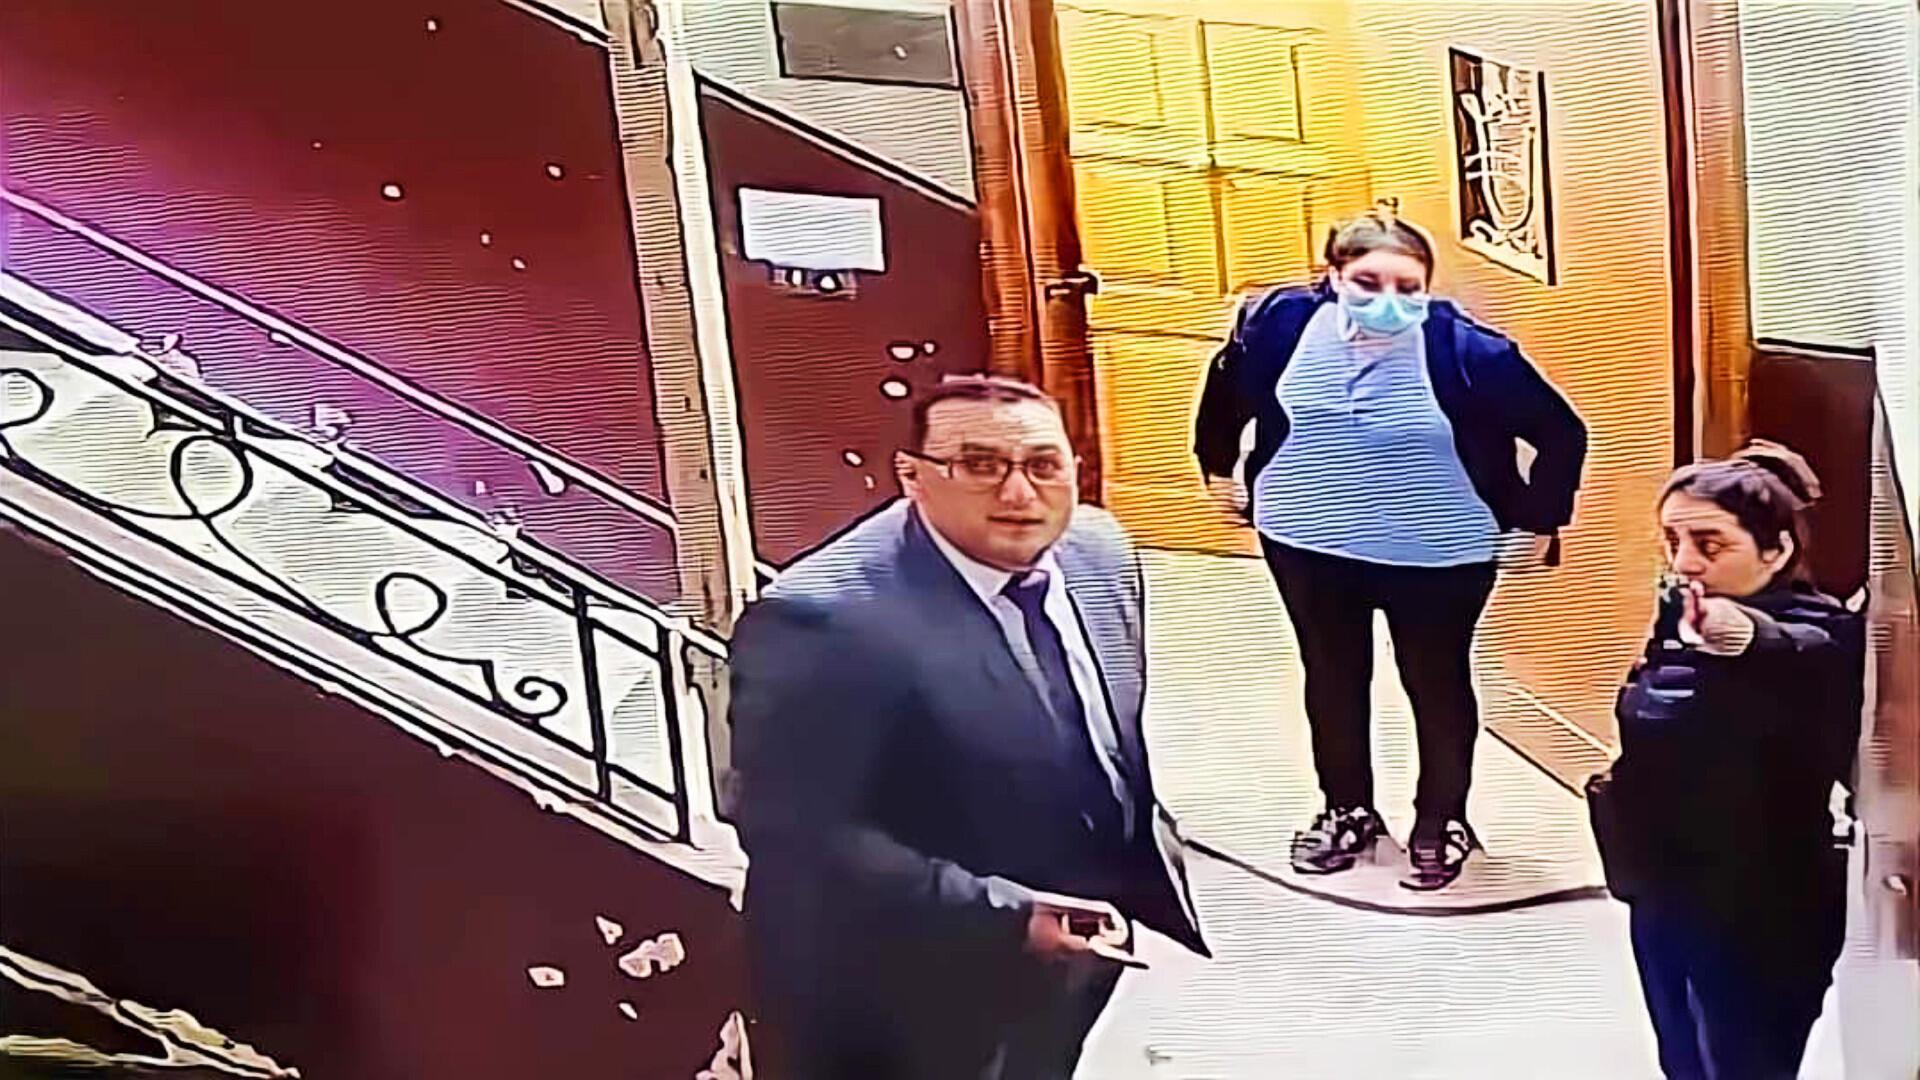 Alertée par la vidéosurveillance, Eugénie Osama s'est précipitée dans le couloir, et a confronté l'agresseur.